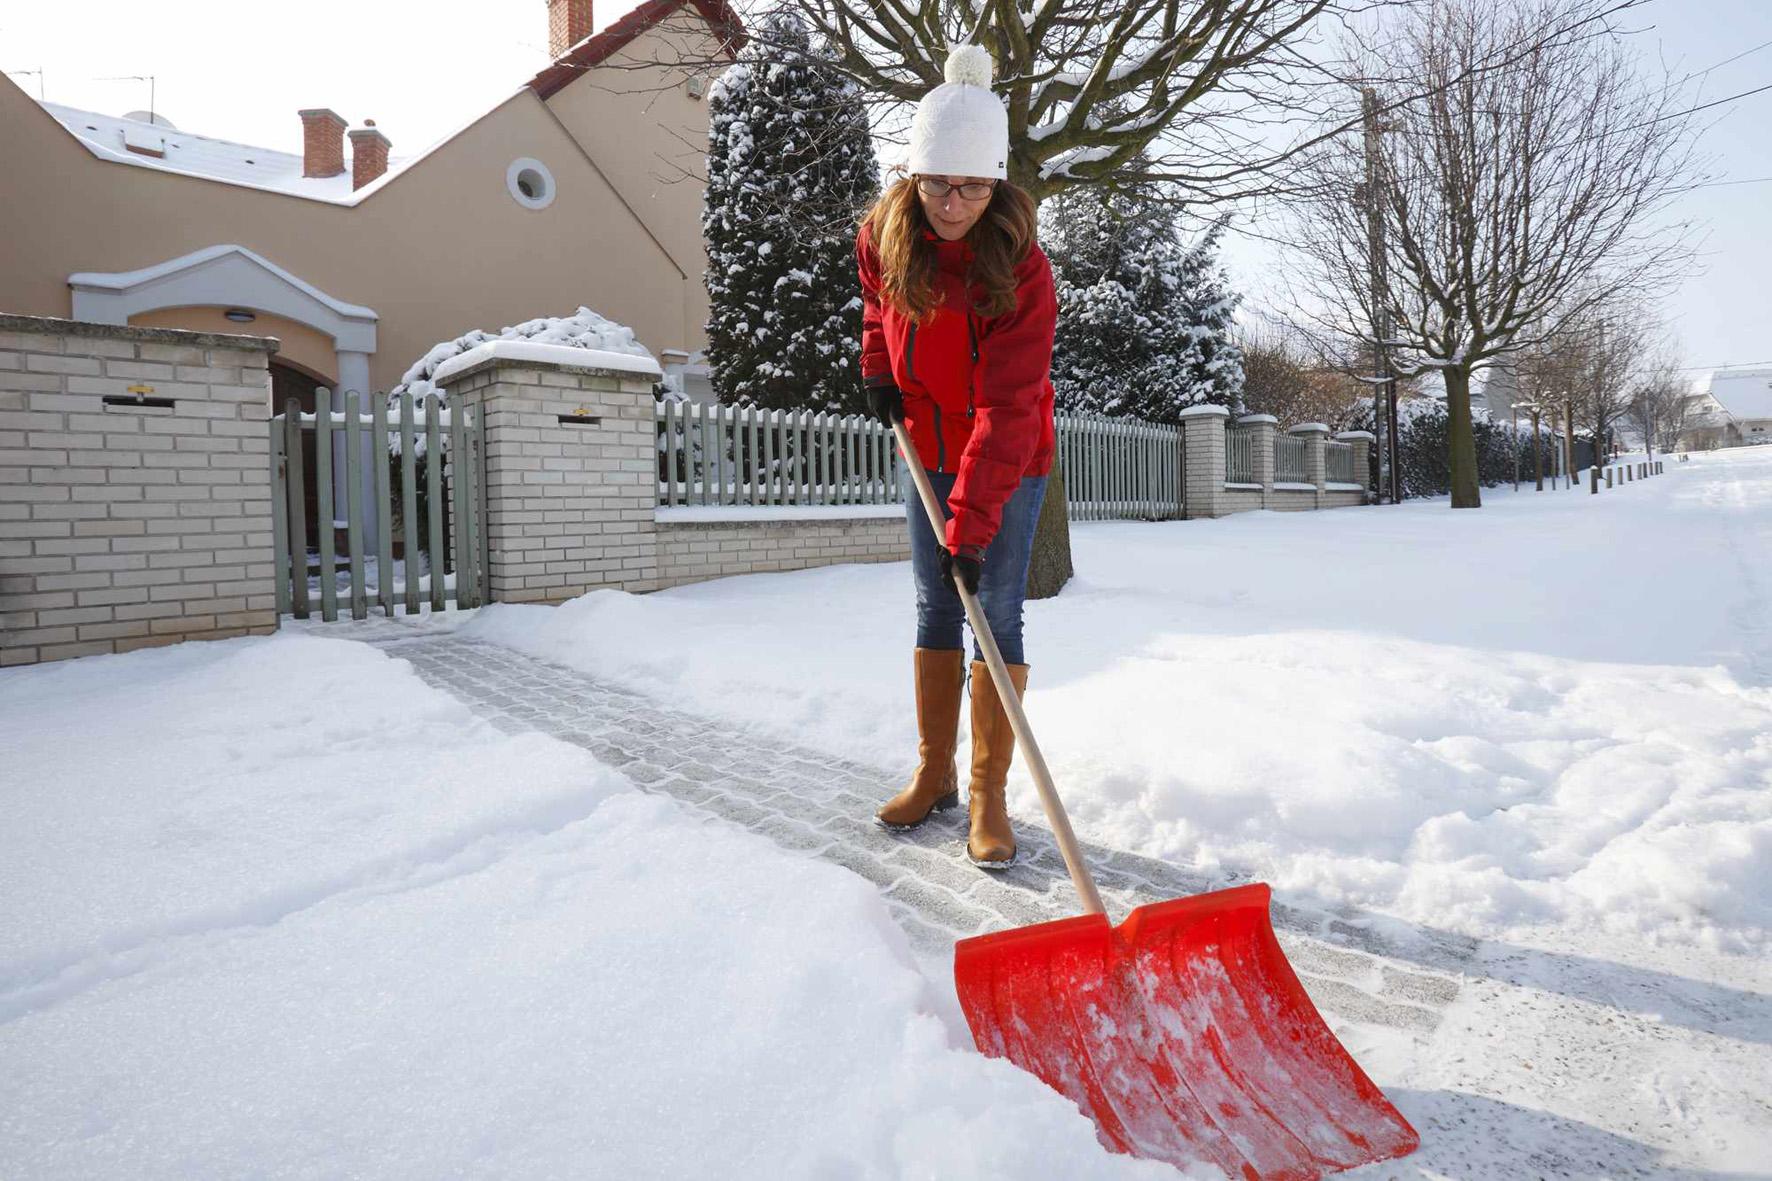 Schneeräumen: Wer ist wann zuständig